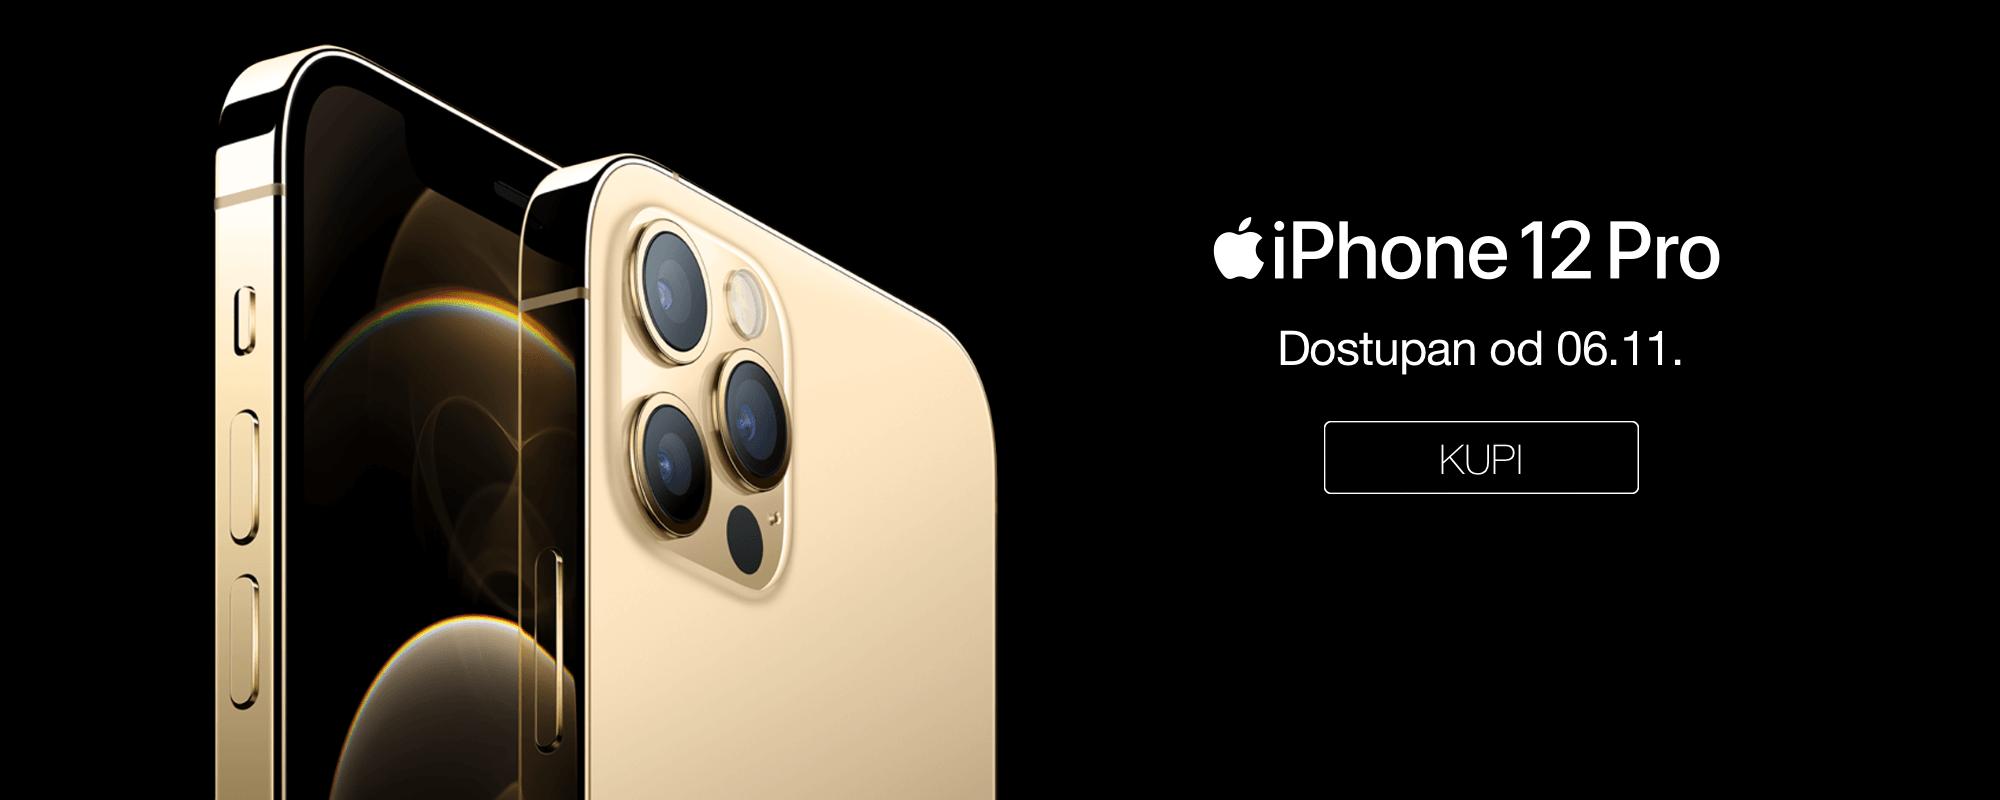 iPhone 12 Pro Dostupan u Srbiji od 06.11